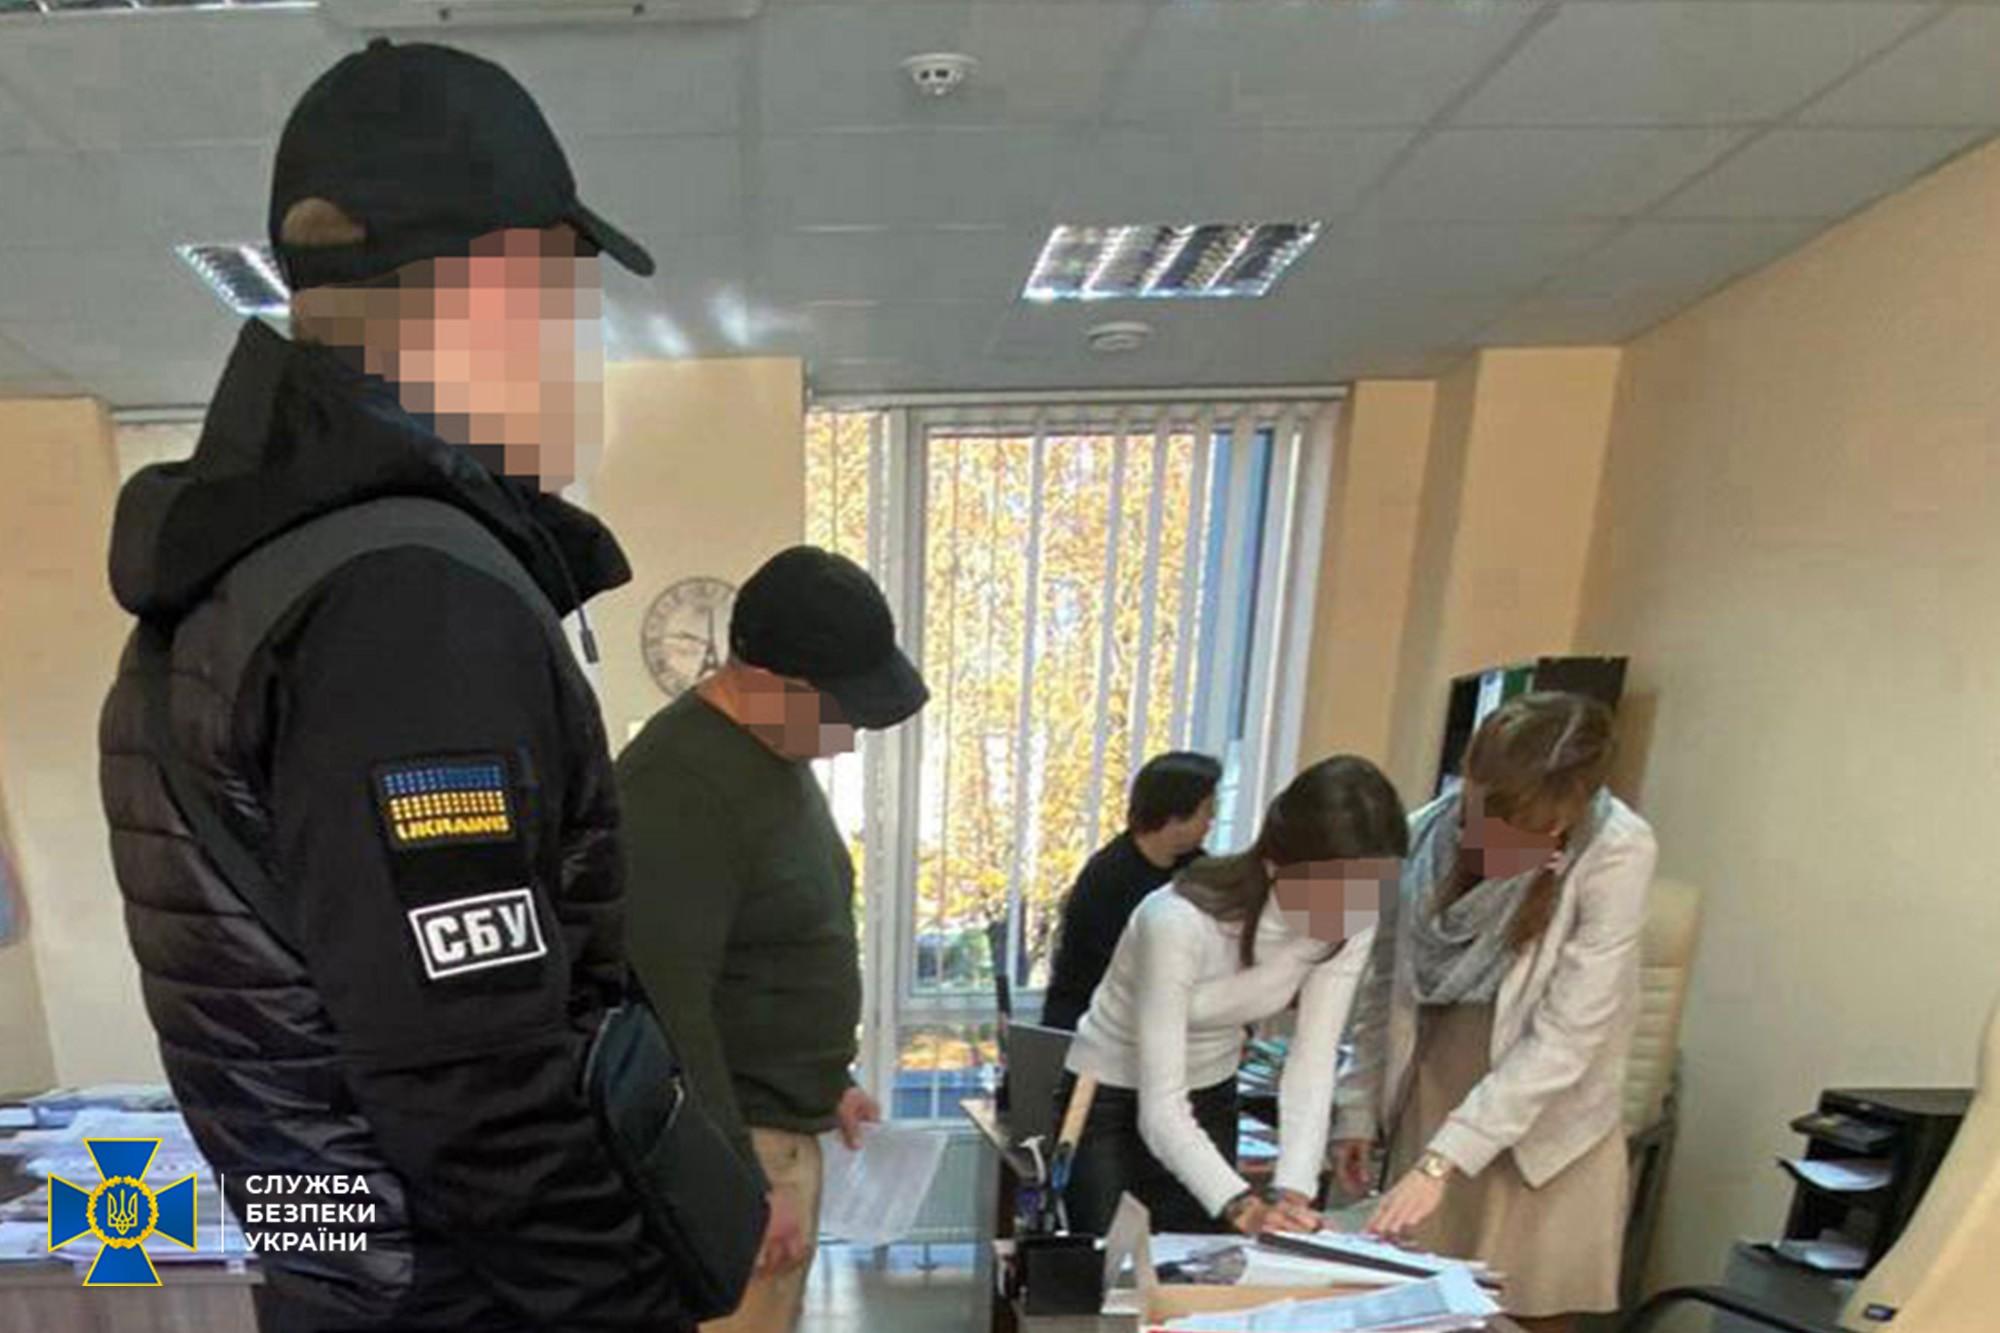 """У Сумській області викрили розкрадання 2,7 млн гривень """"ковідніх"""" коштів – СБУ"""